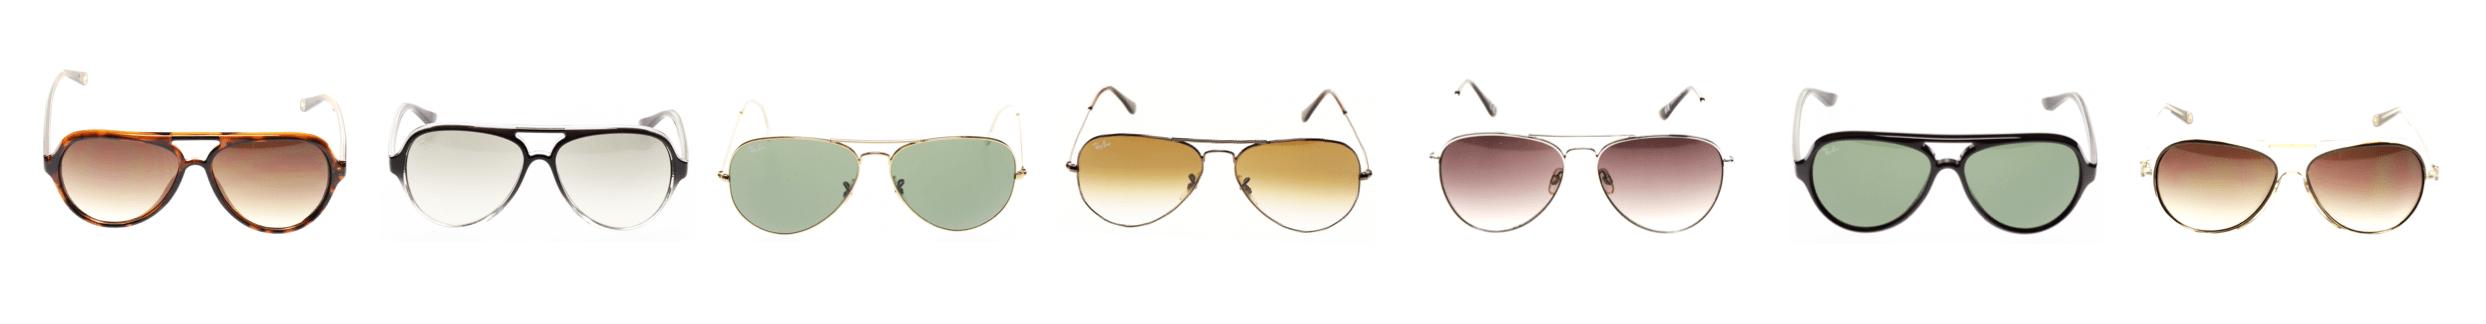 Sonnenbrille - Pilotenbrille